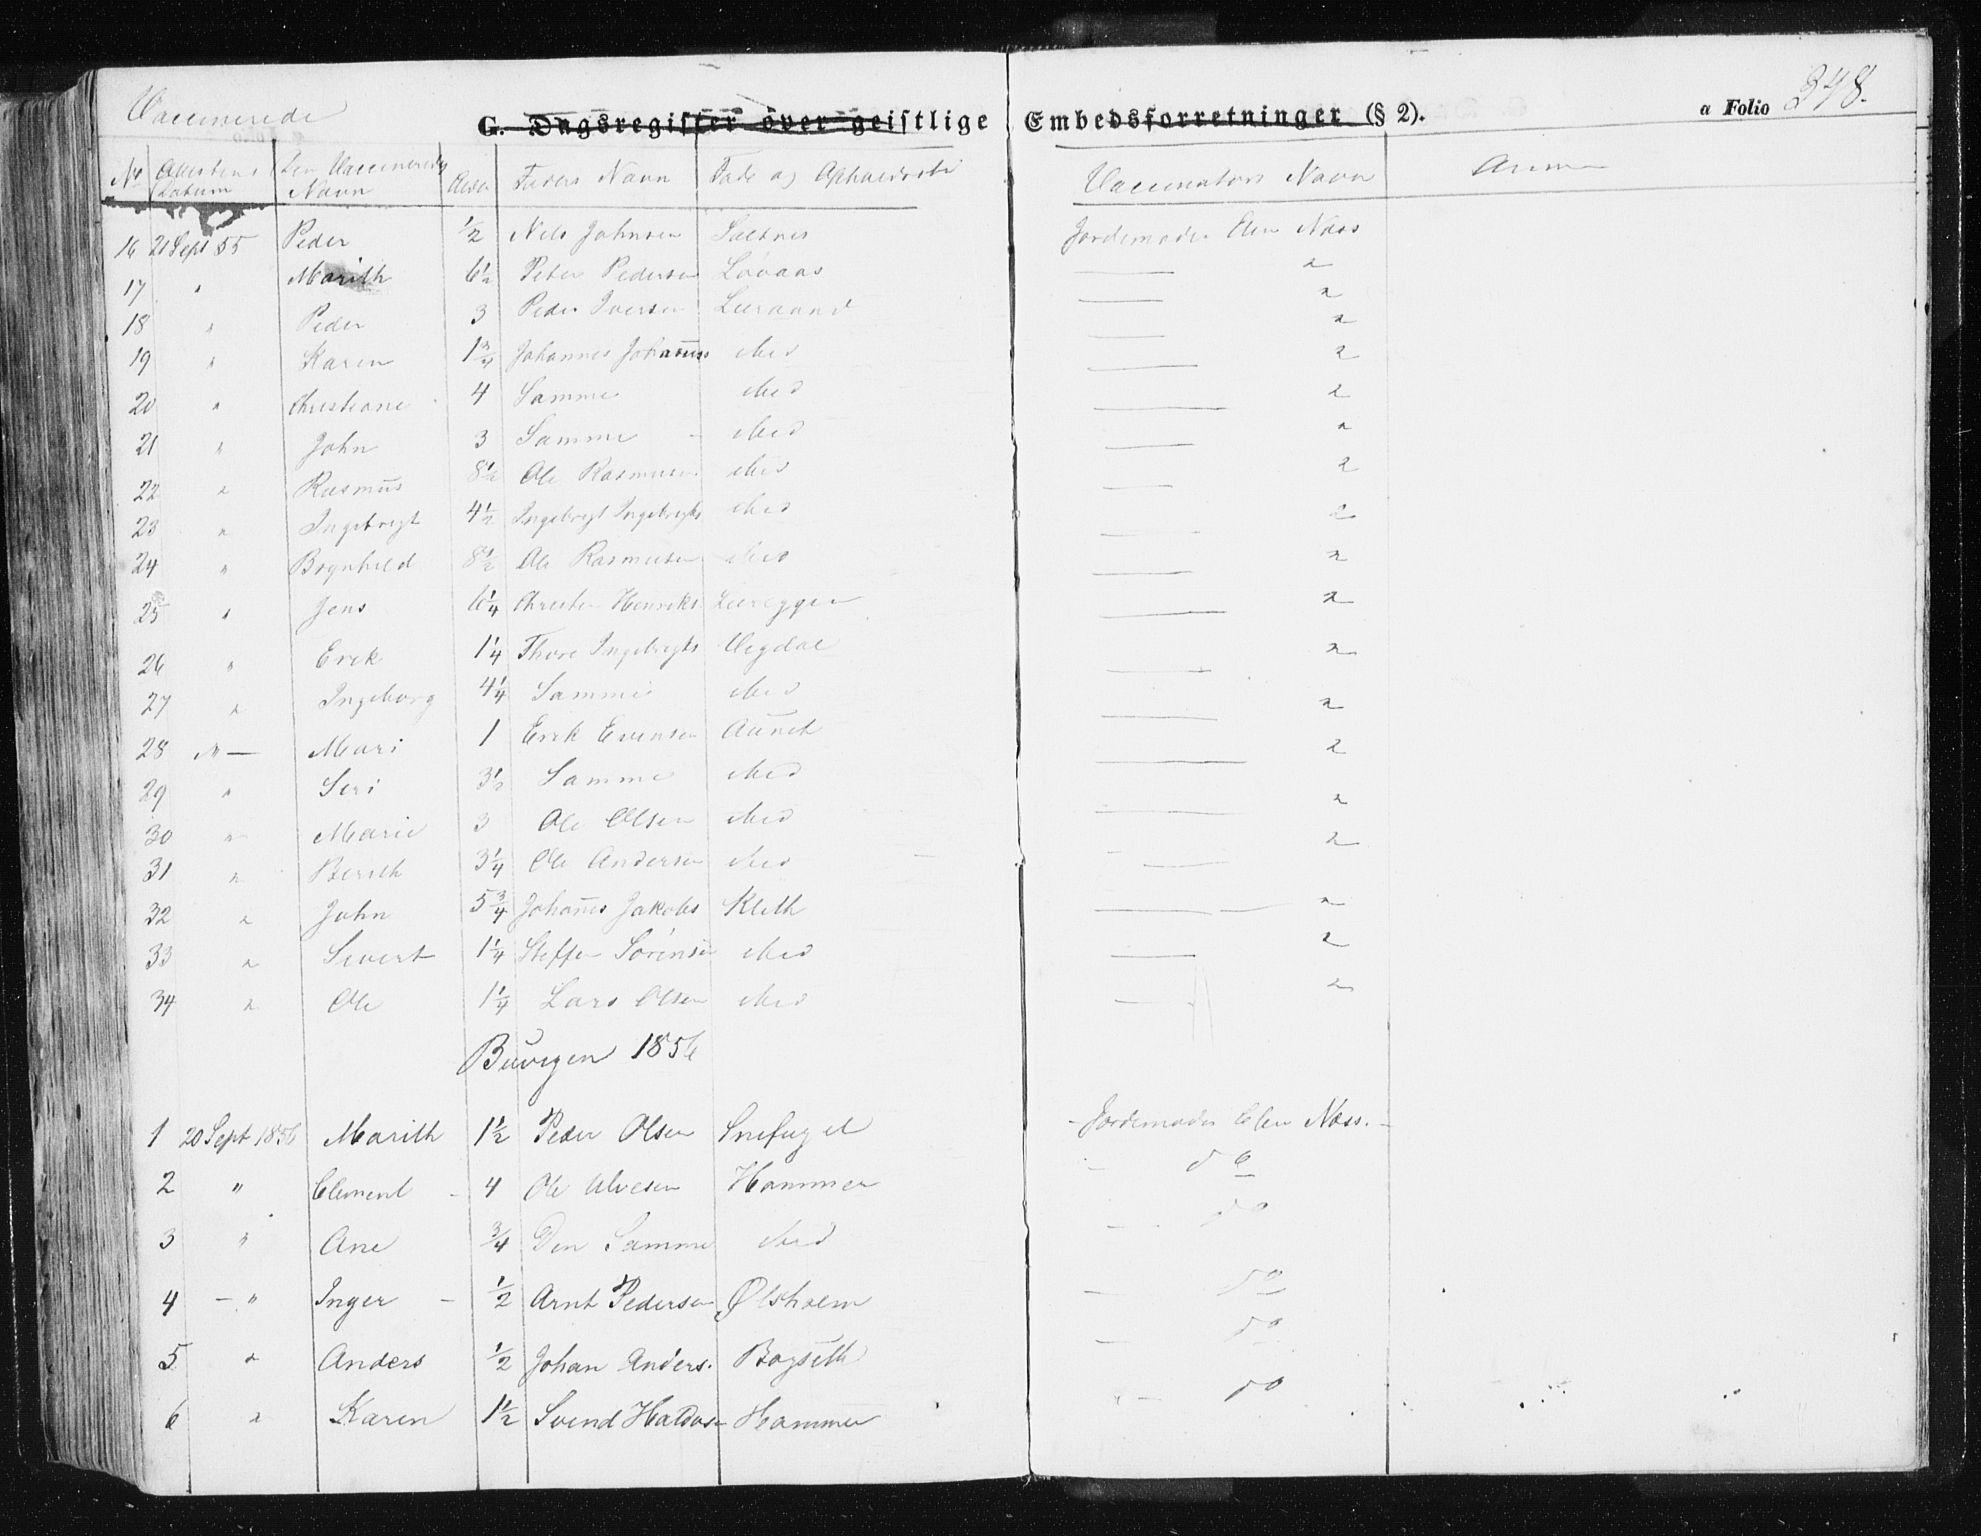 SAT, Ministerialprotokoller, klokkerbøker og fødselsregistre - Sør-Trøndelag, 612/L0376: Ministerialbok nr. 612A08, 1846-1859, s. 348